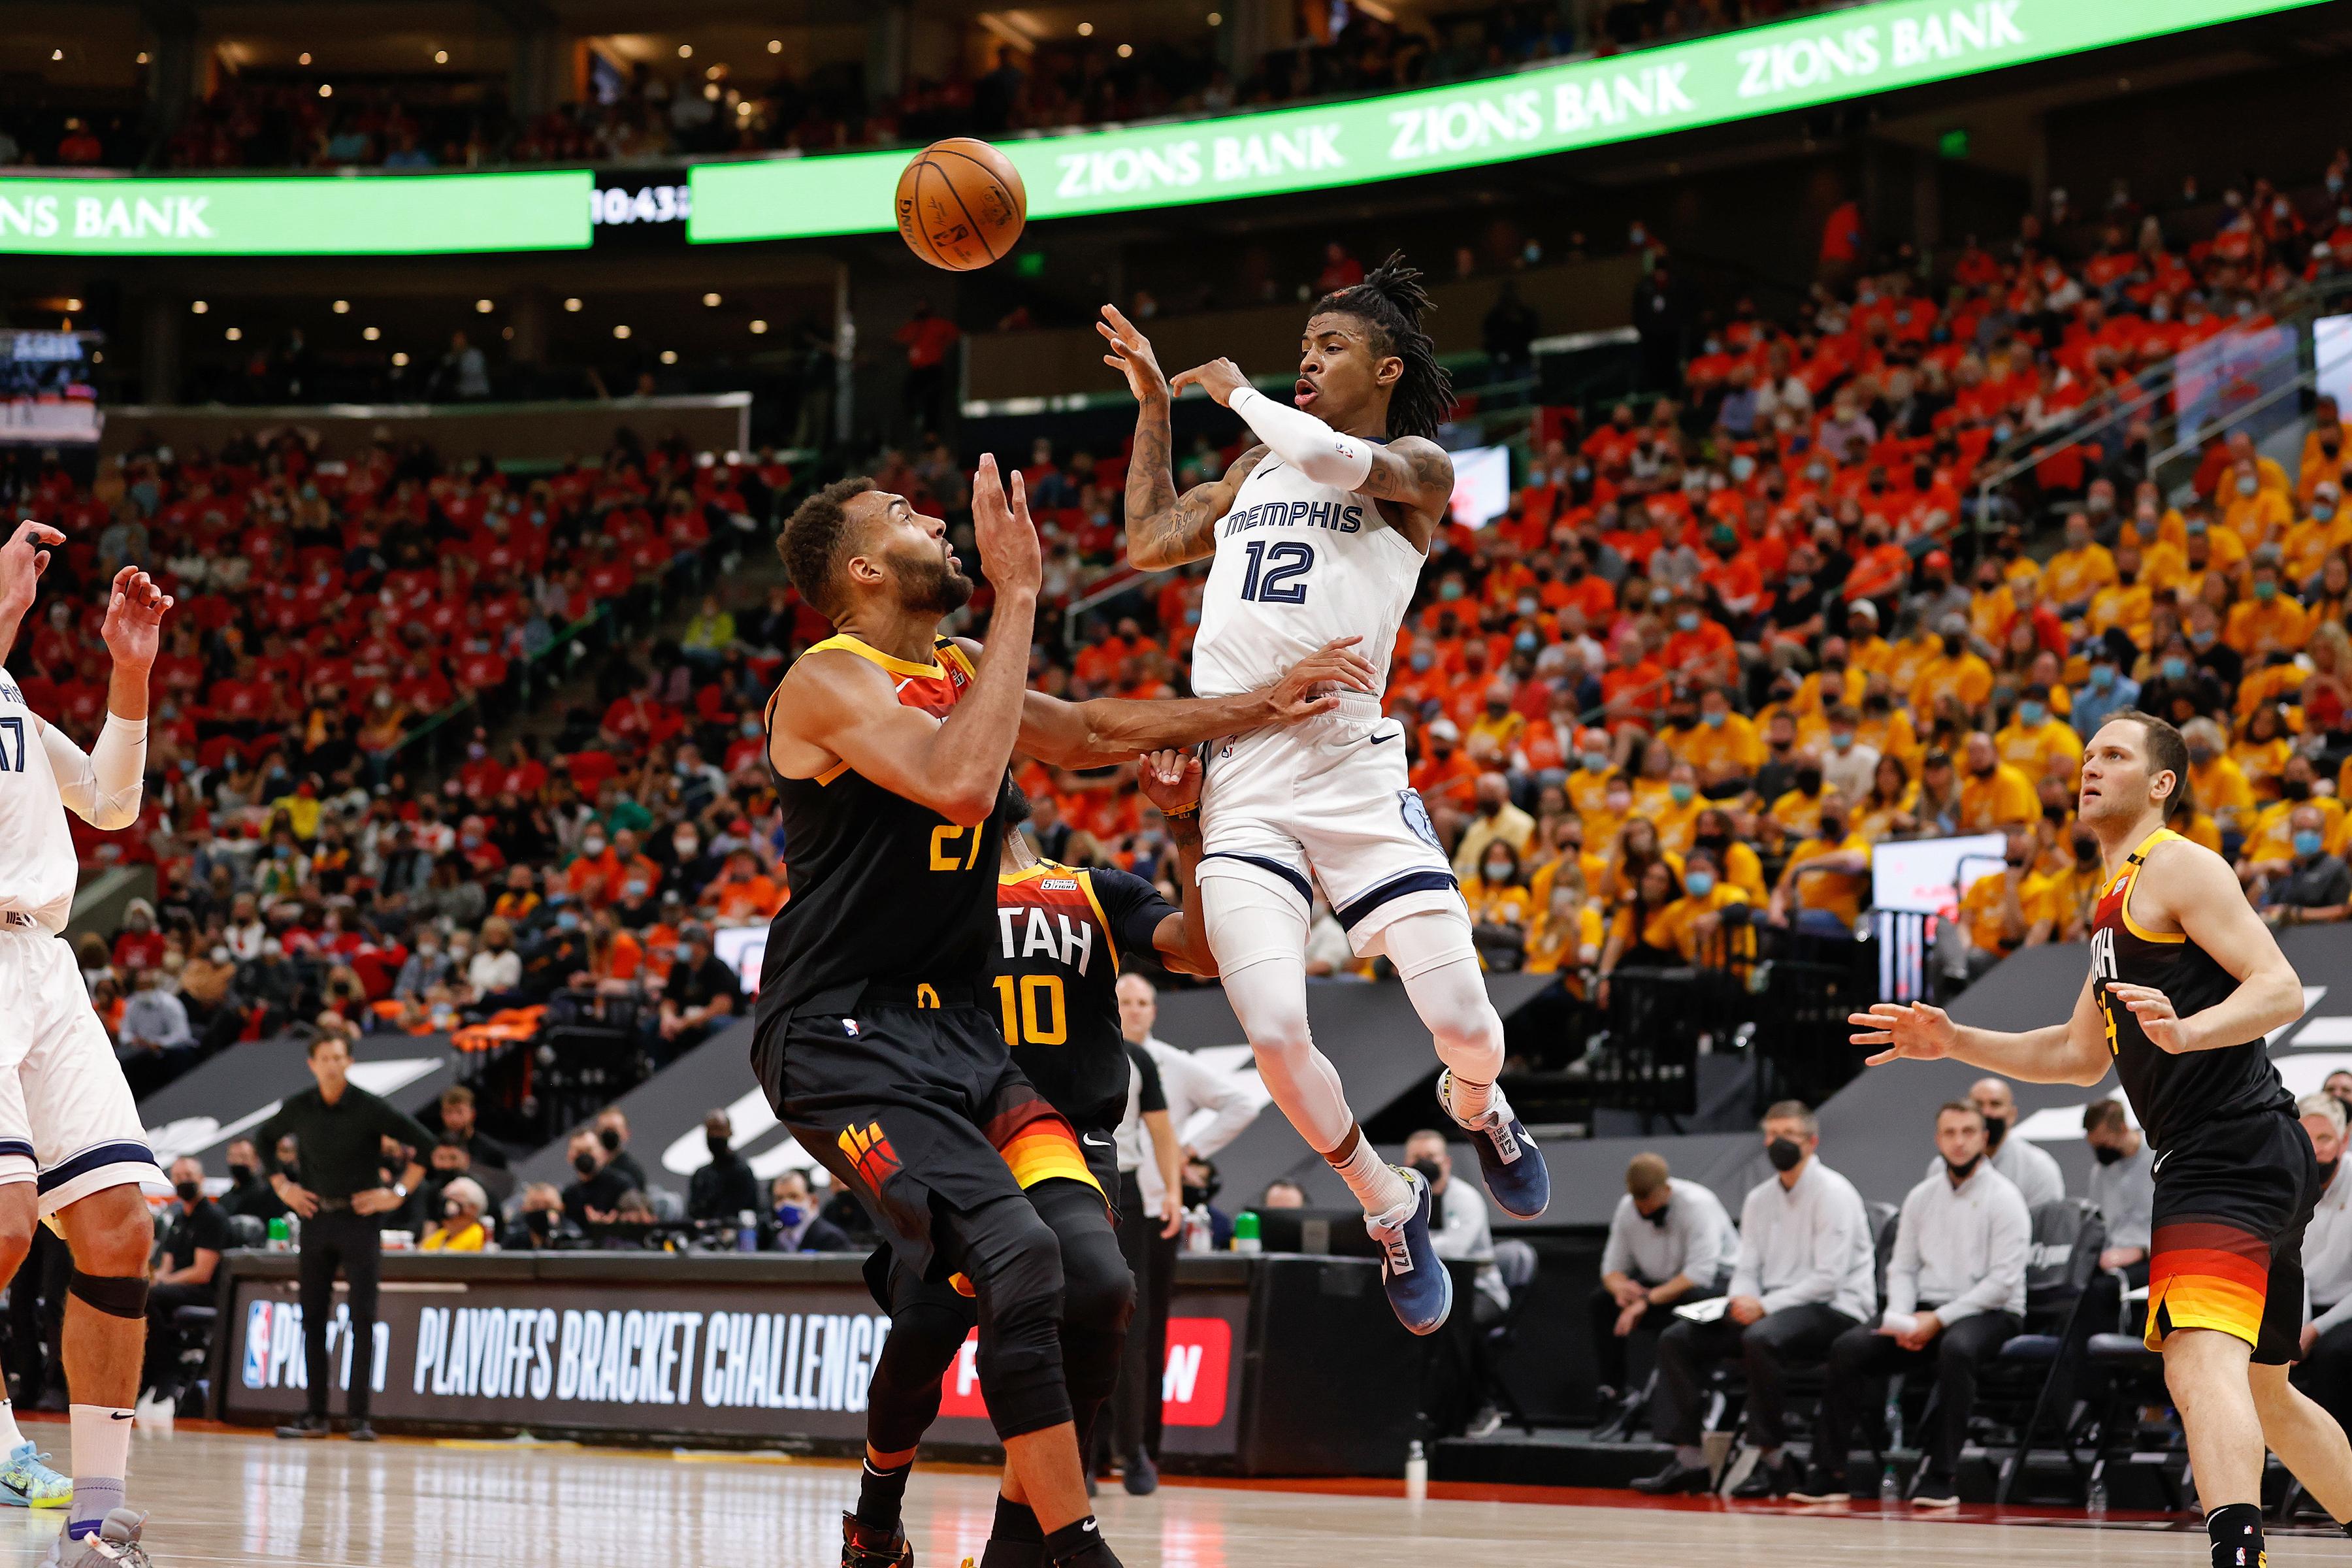 2021年NBA季后赛——孟菲斯灰熊vs犹他爵士